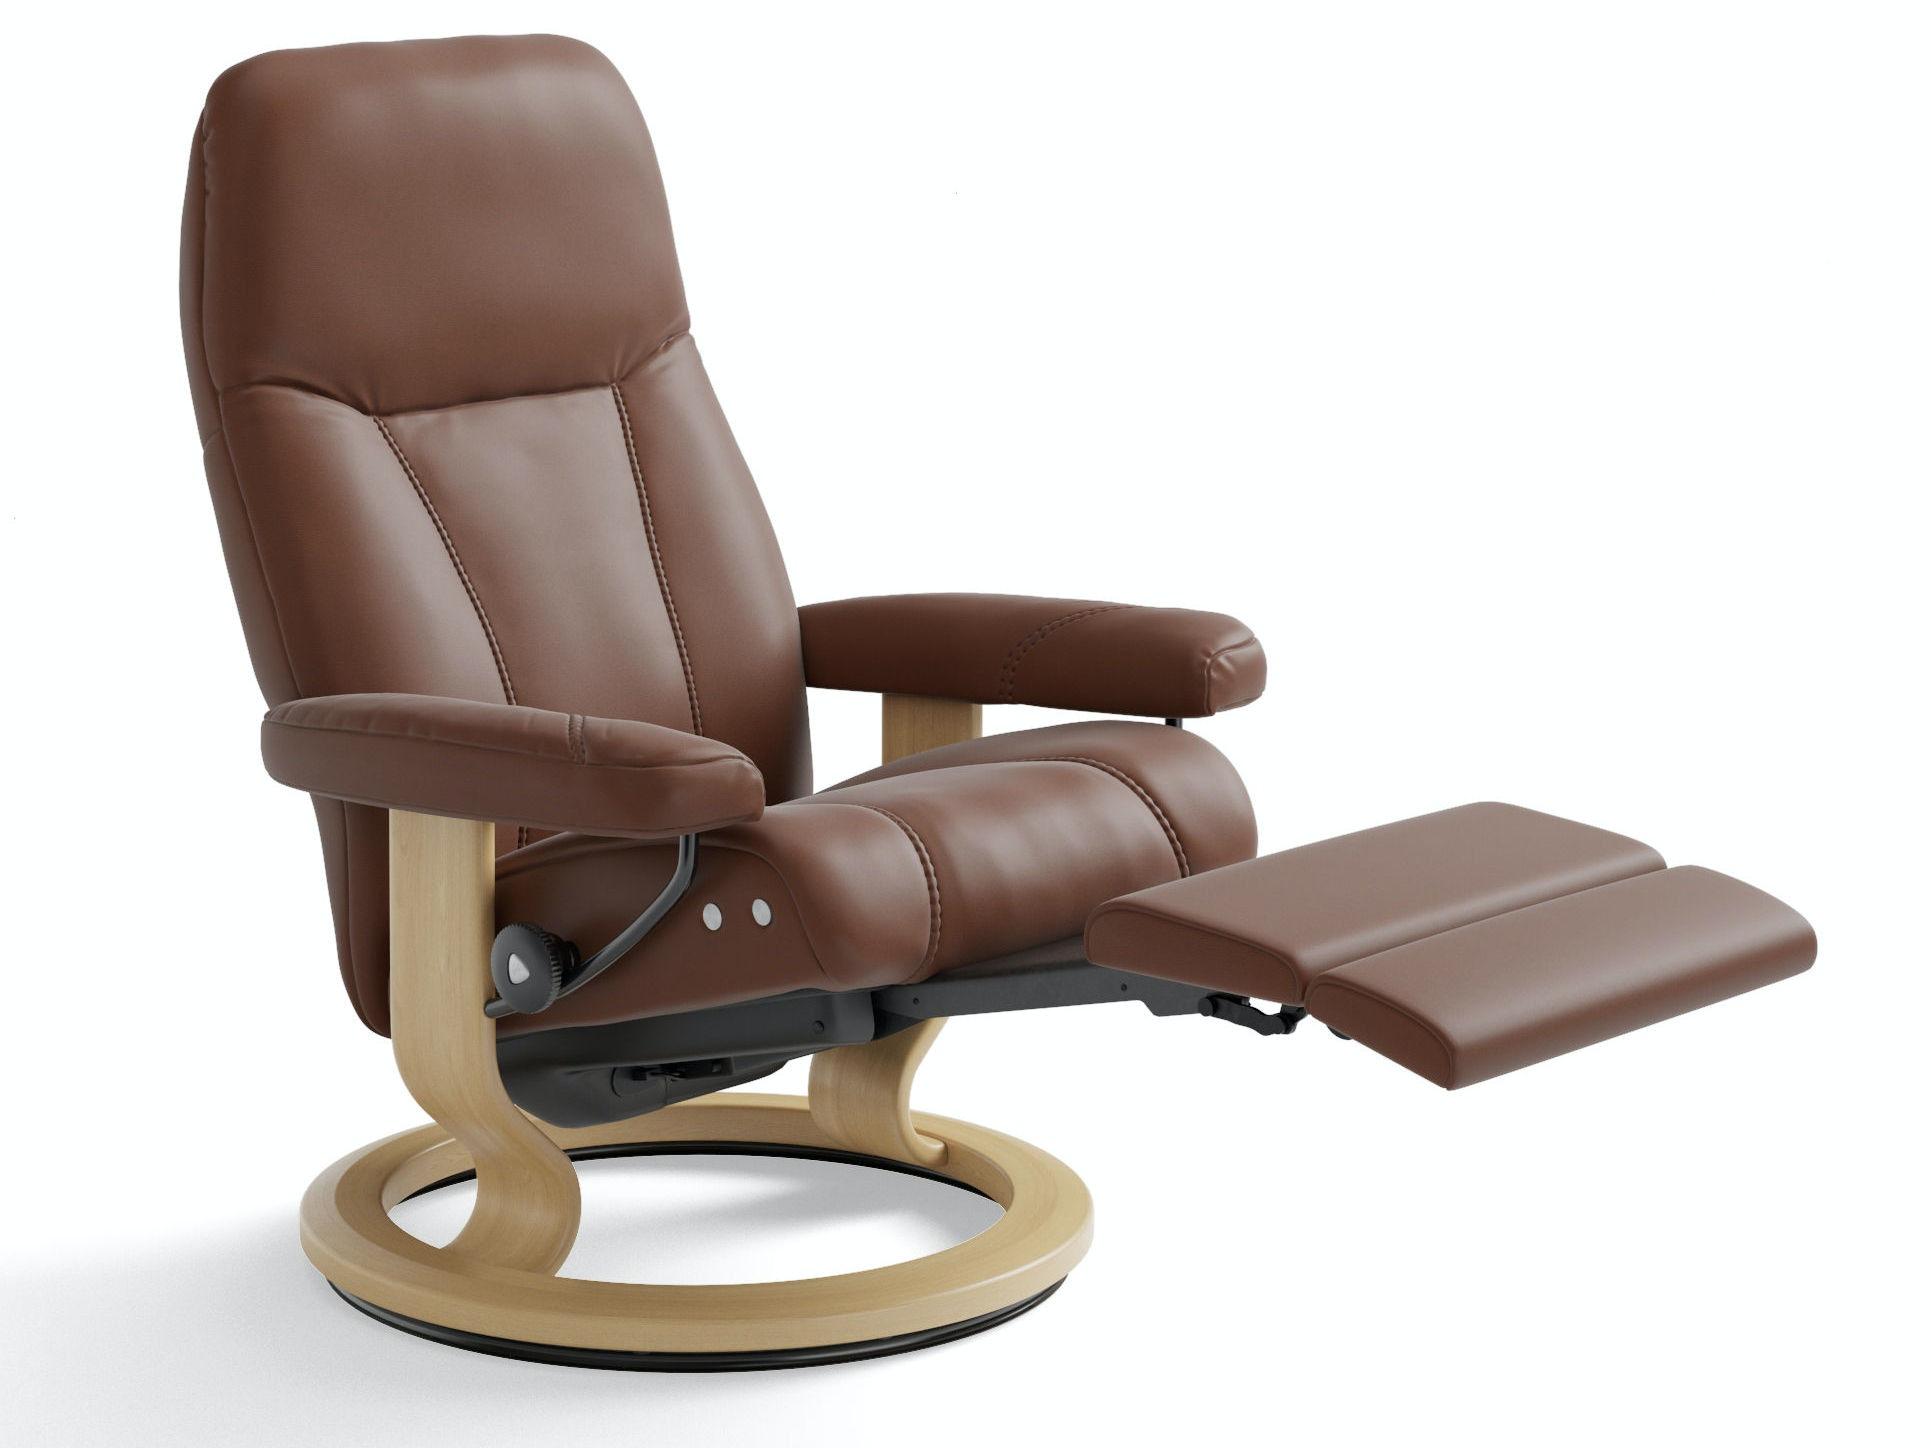 Stressless By Ekornes Stressless® Consul Large LegComfort